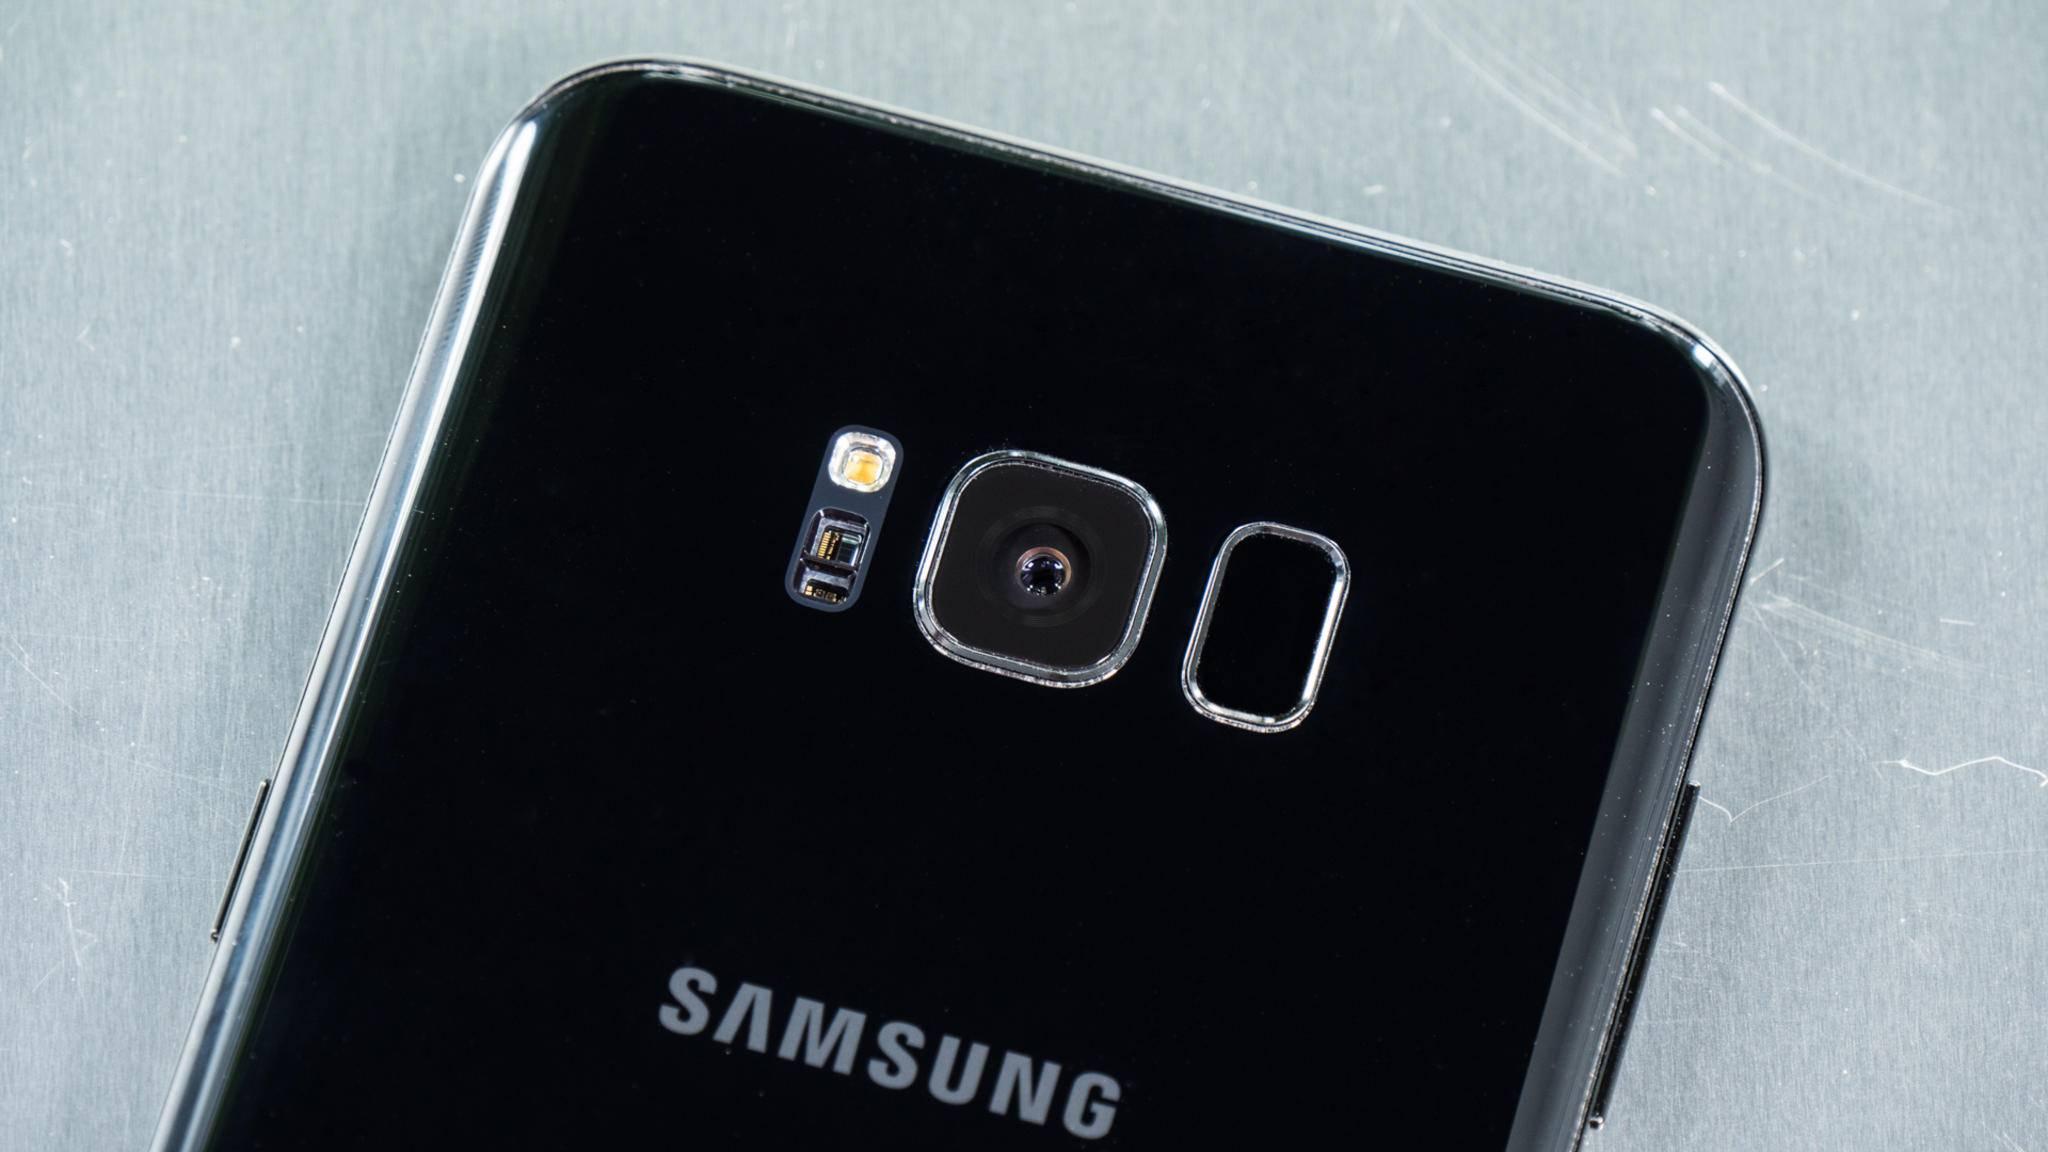 Sind Fingerabdrucksensoren wie der des Galaxy S8 sicher?